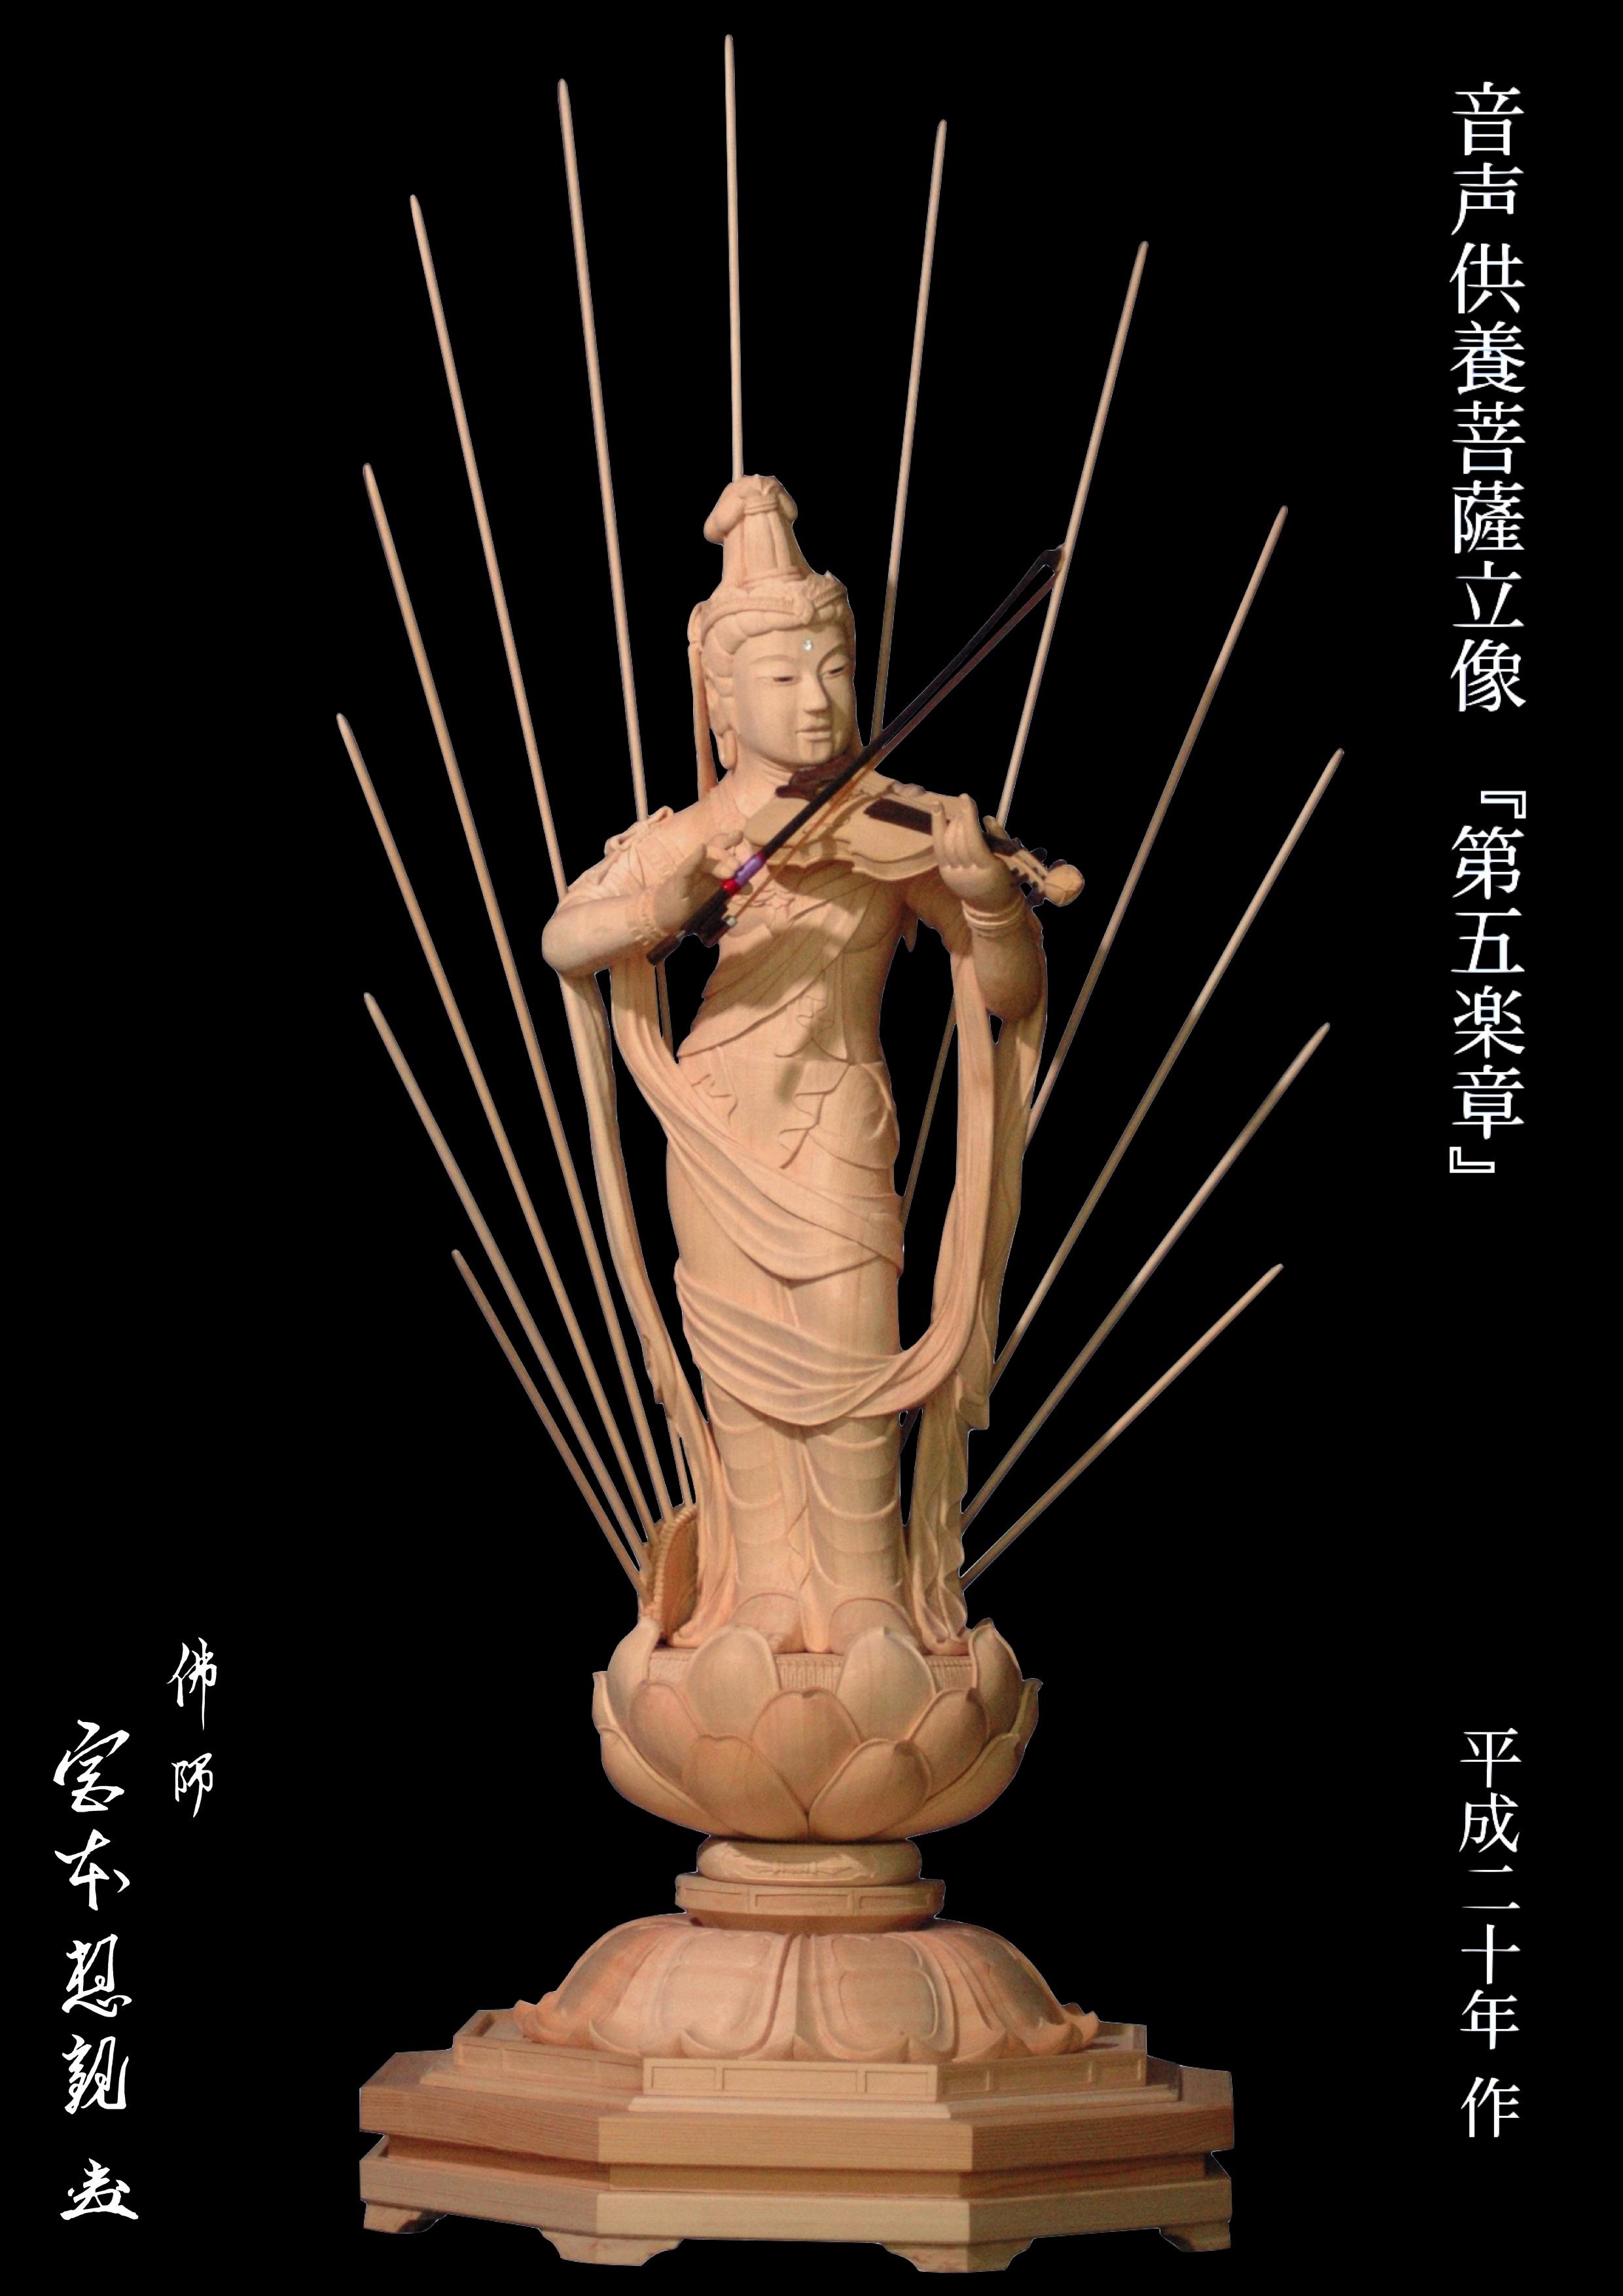 音声供養菩薩立像 『第五楽章』